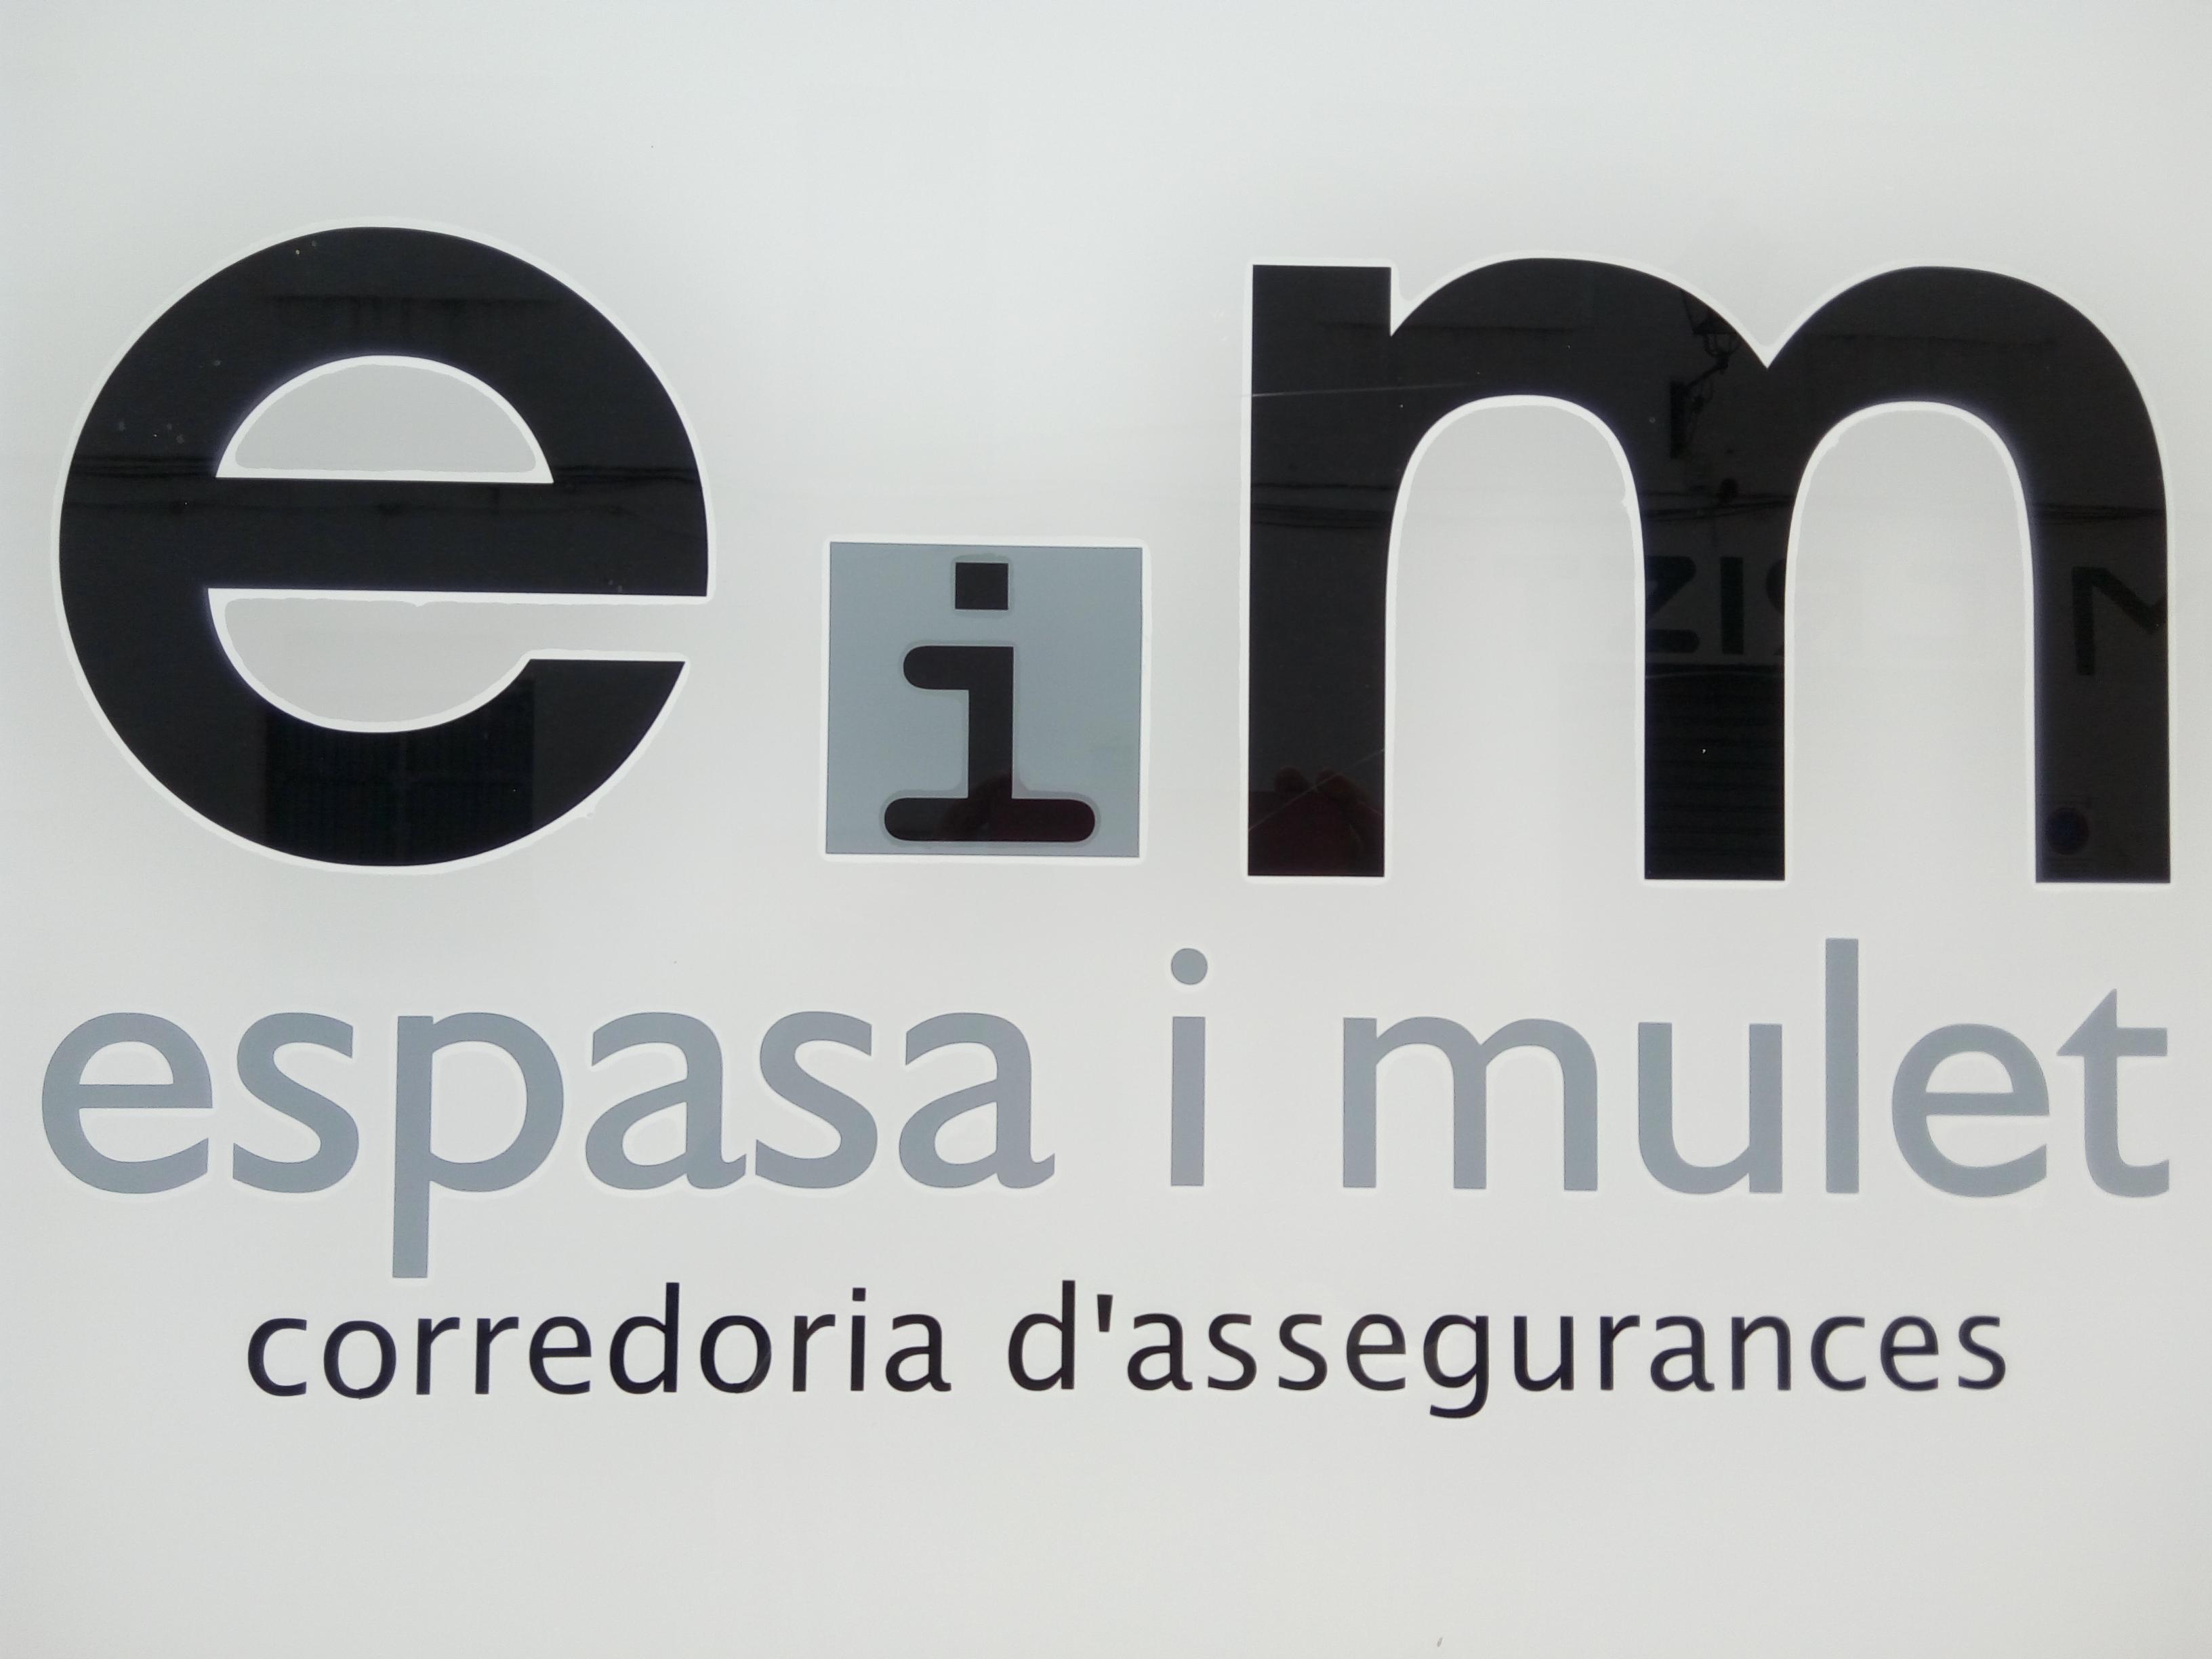 ESPASA I MULET CORREDORIA D'ASSEGURANCES